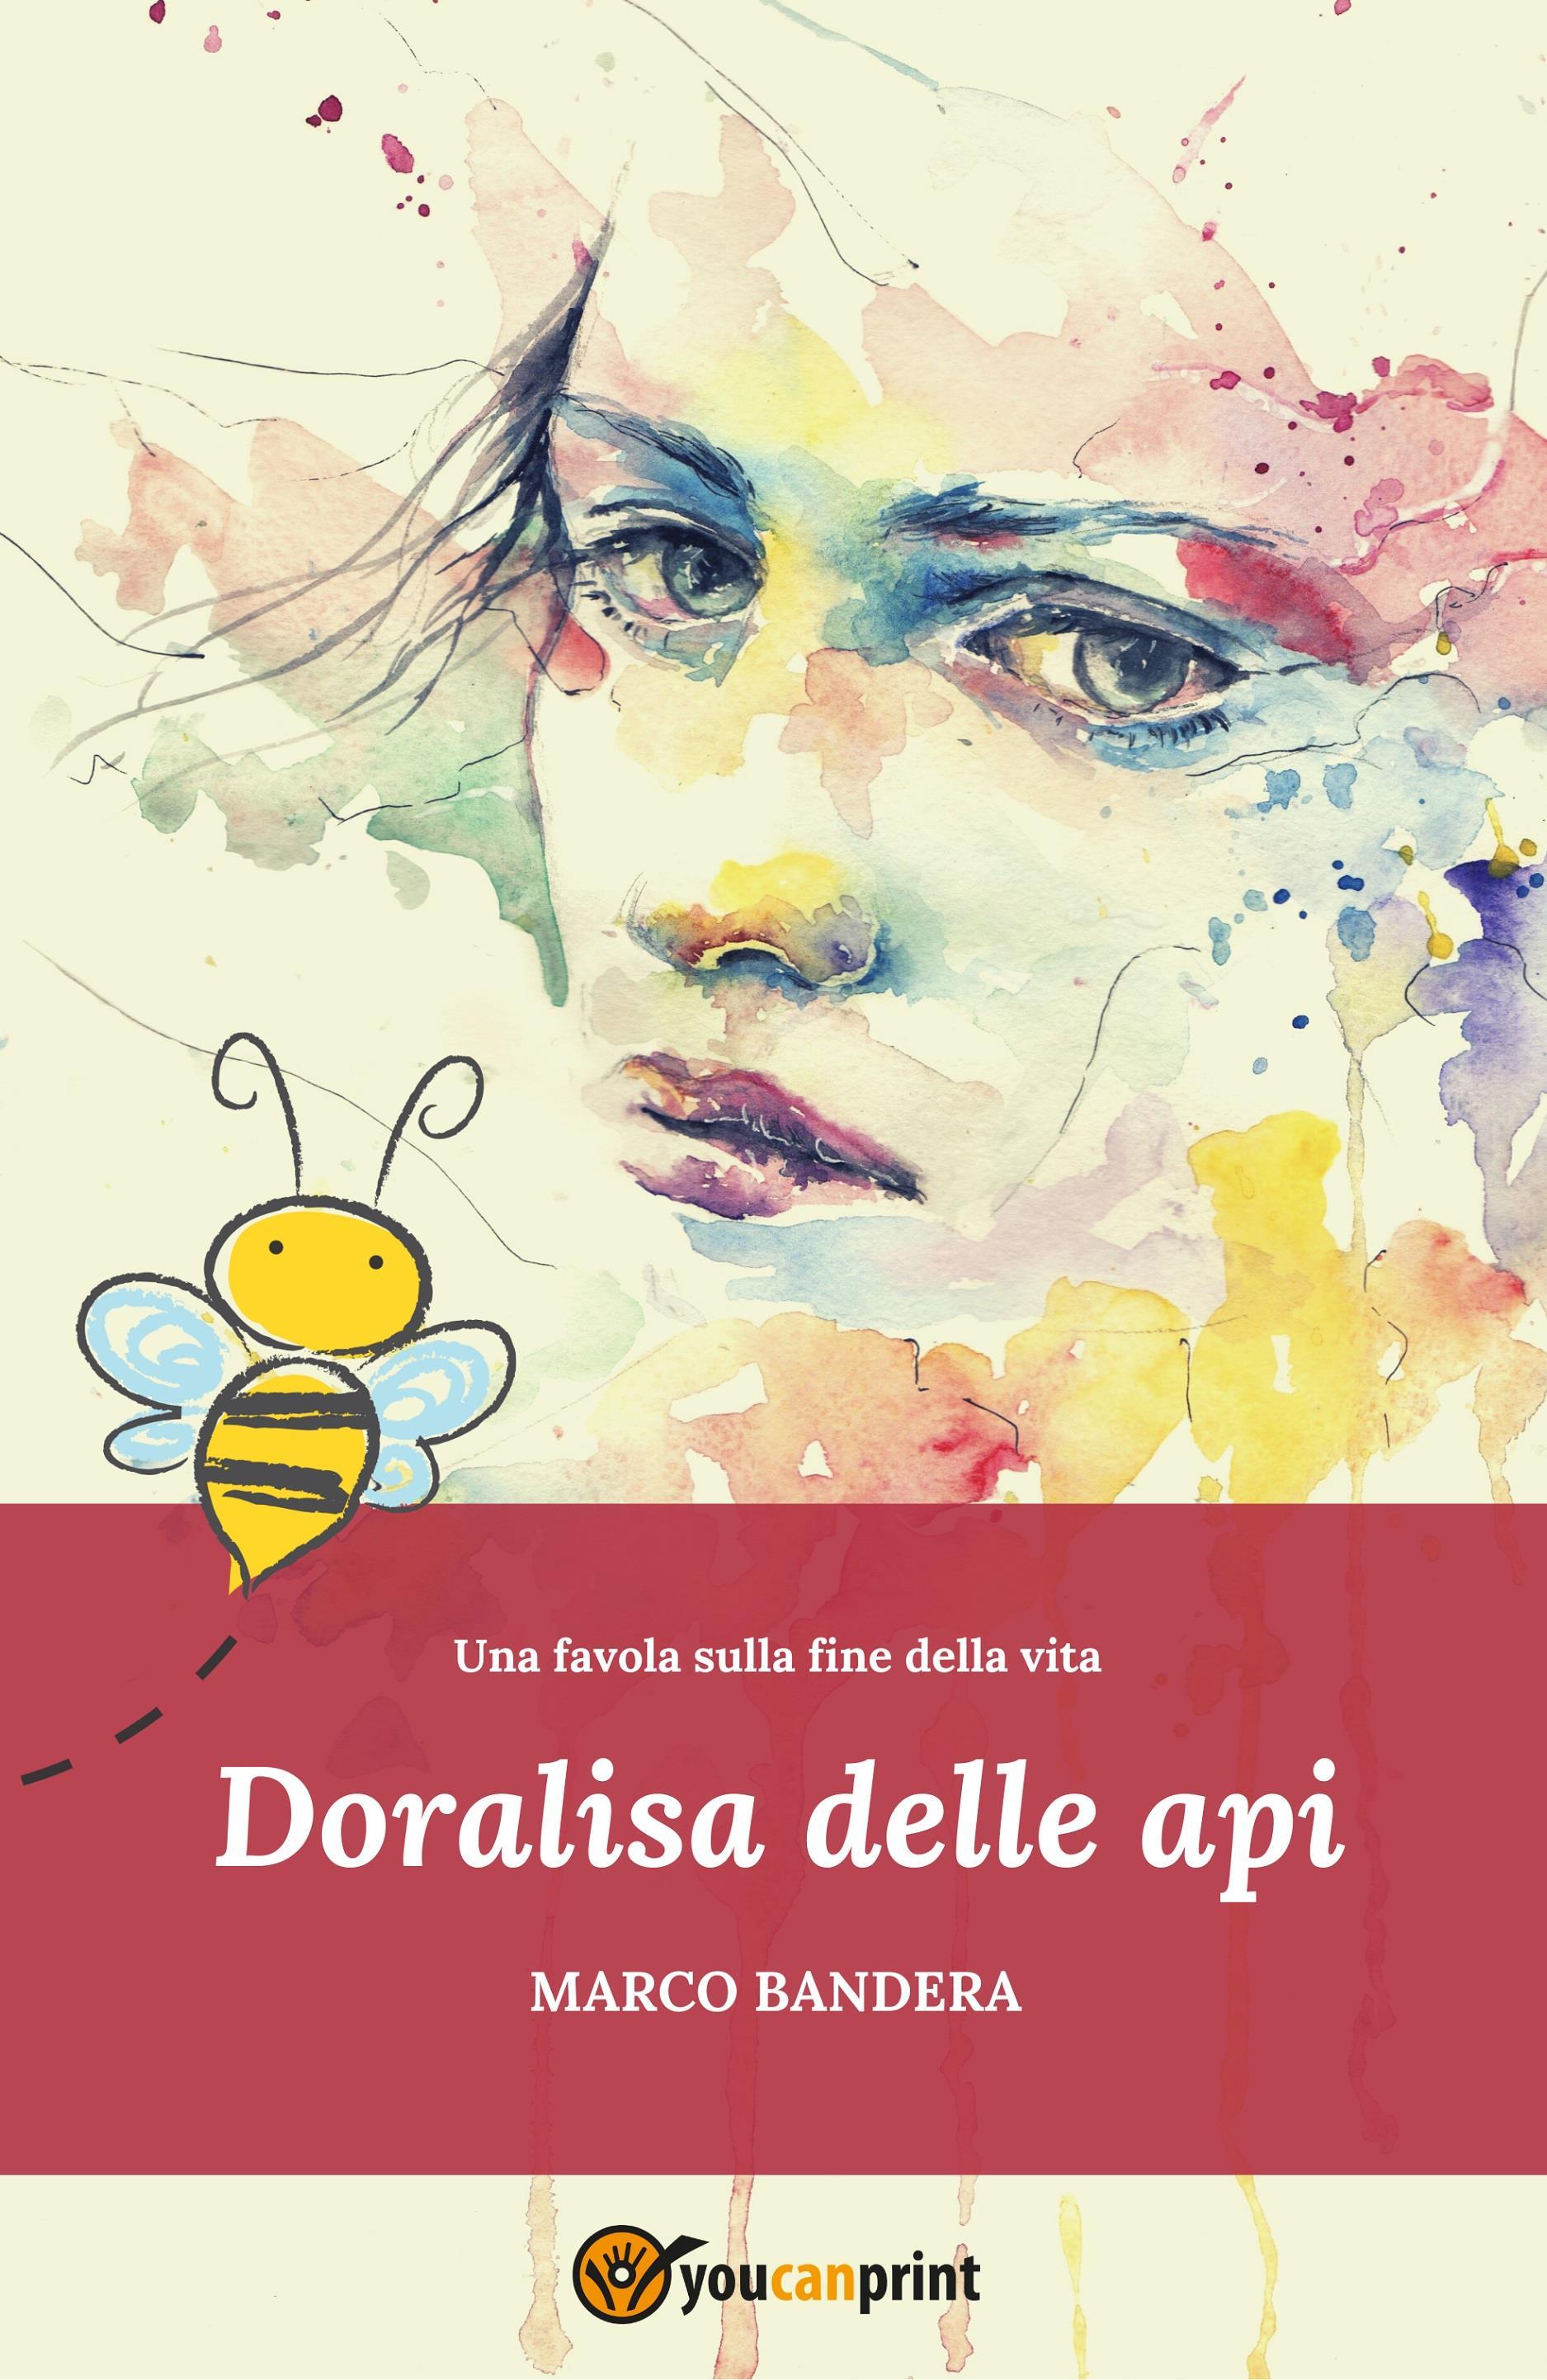 Doralisa delle api - Una favola sulla fine della vita